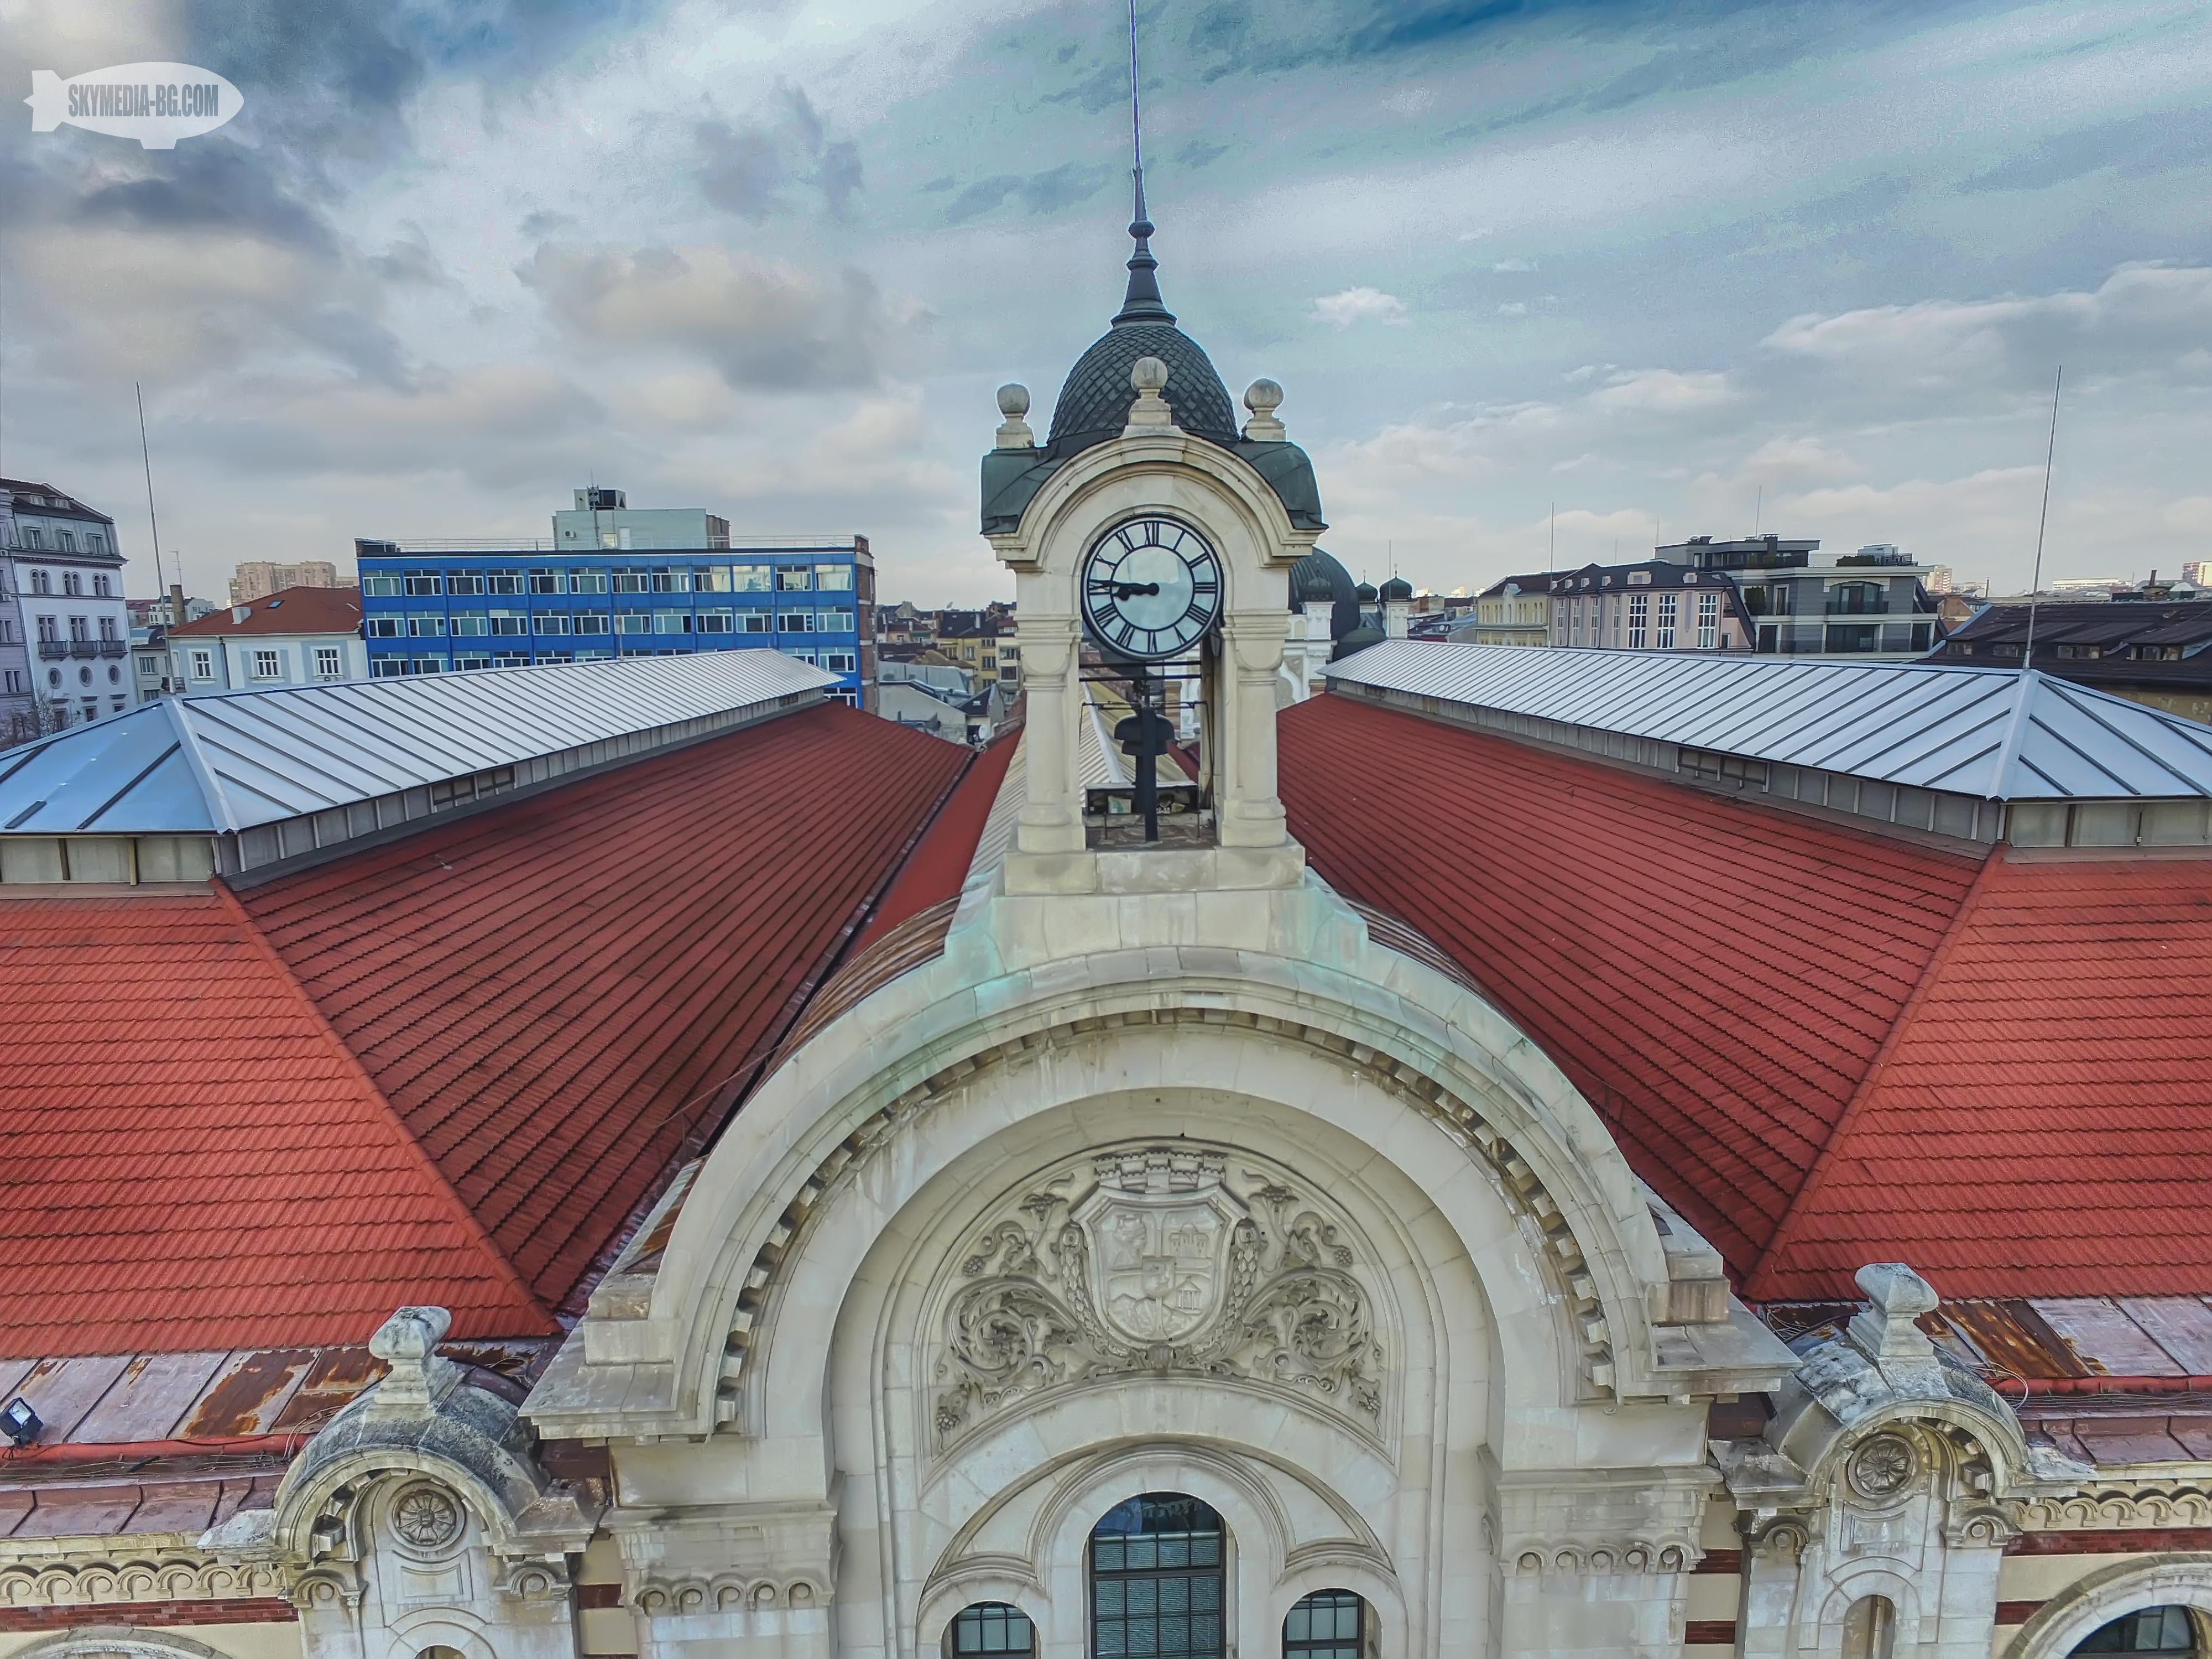 Централните софийски хали са отворени през 1911г. Проектът е на архитект Наум Торбов. Затворени са от 1988г. до 2000г.